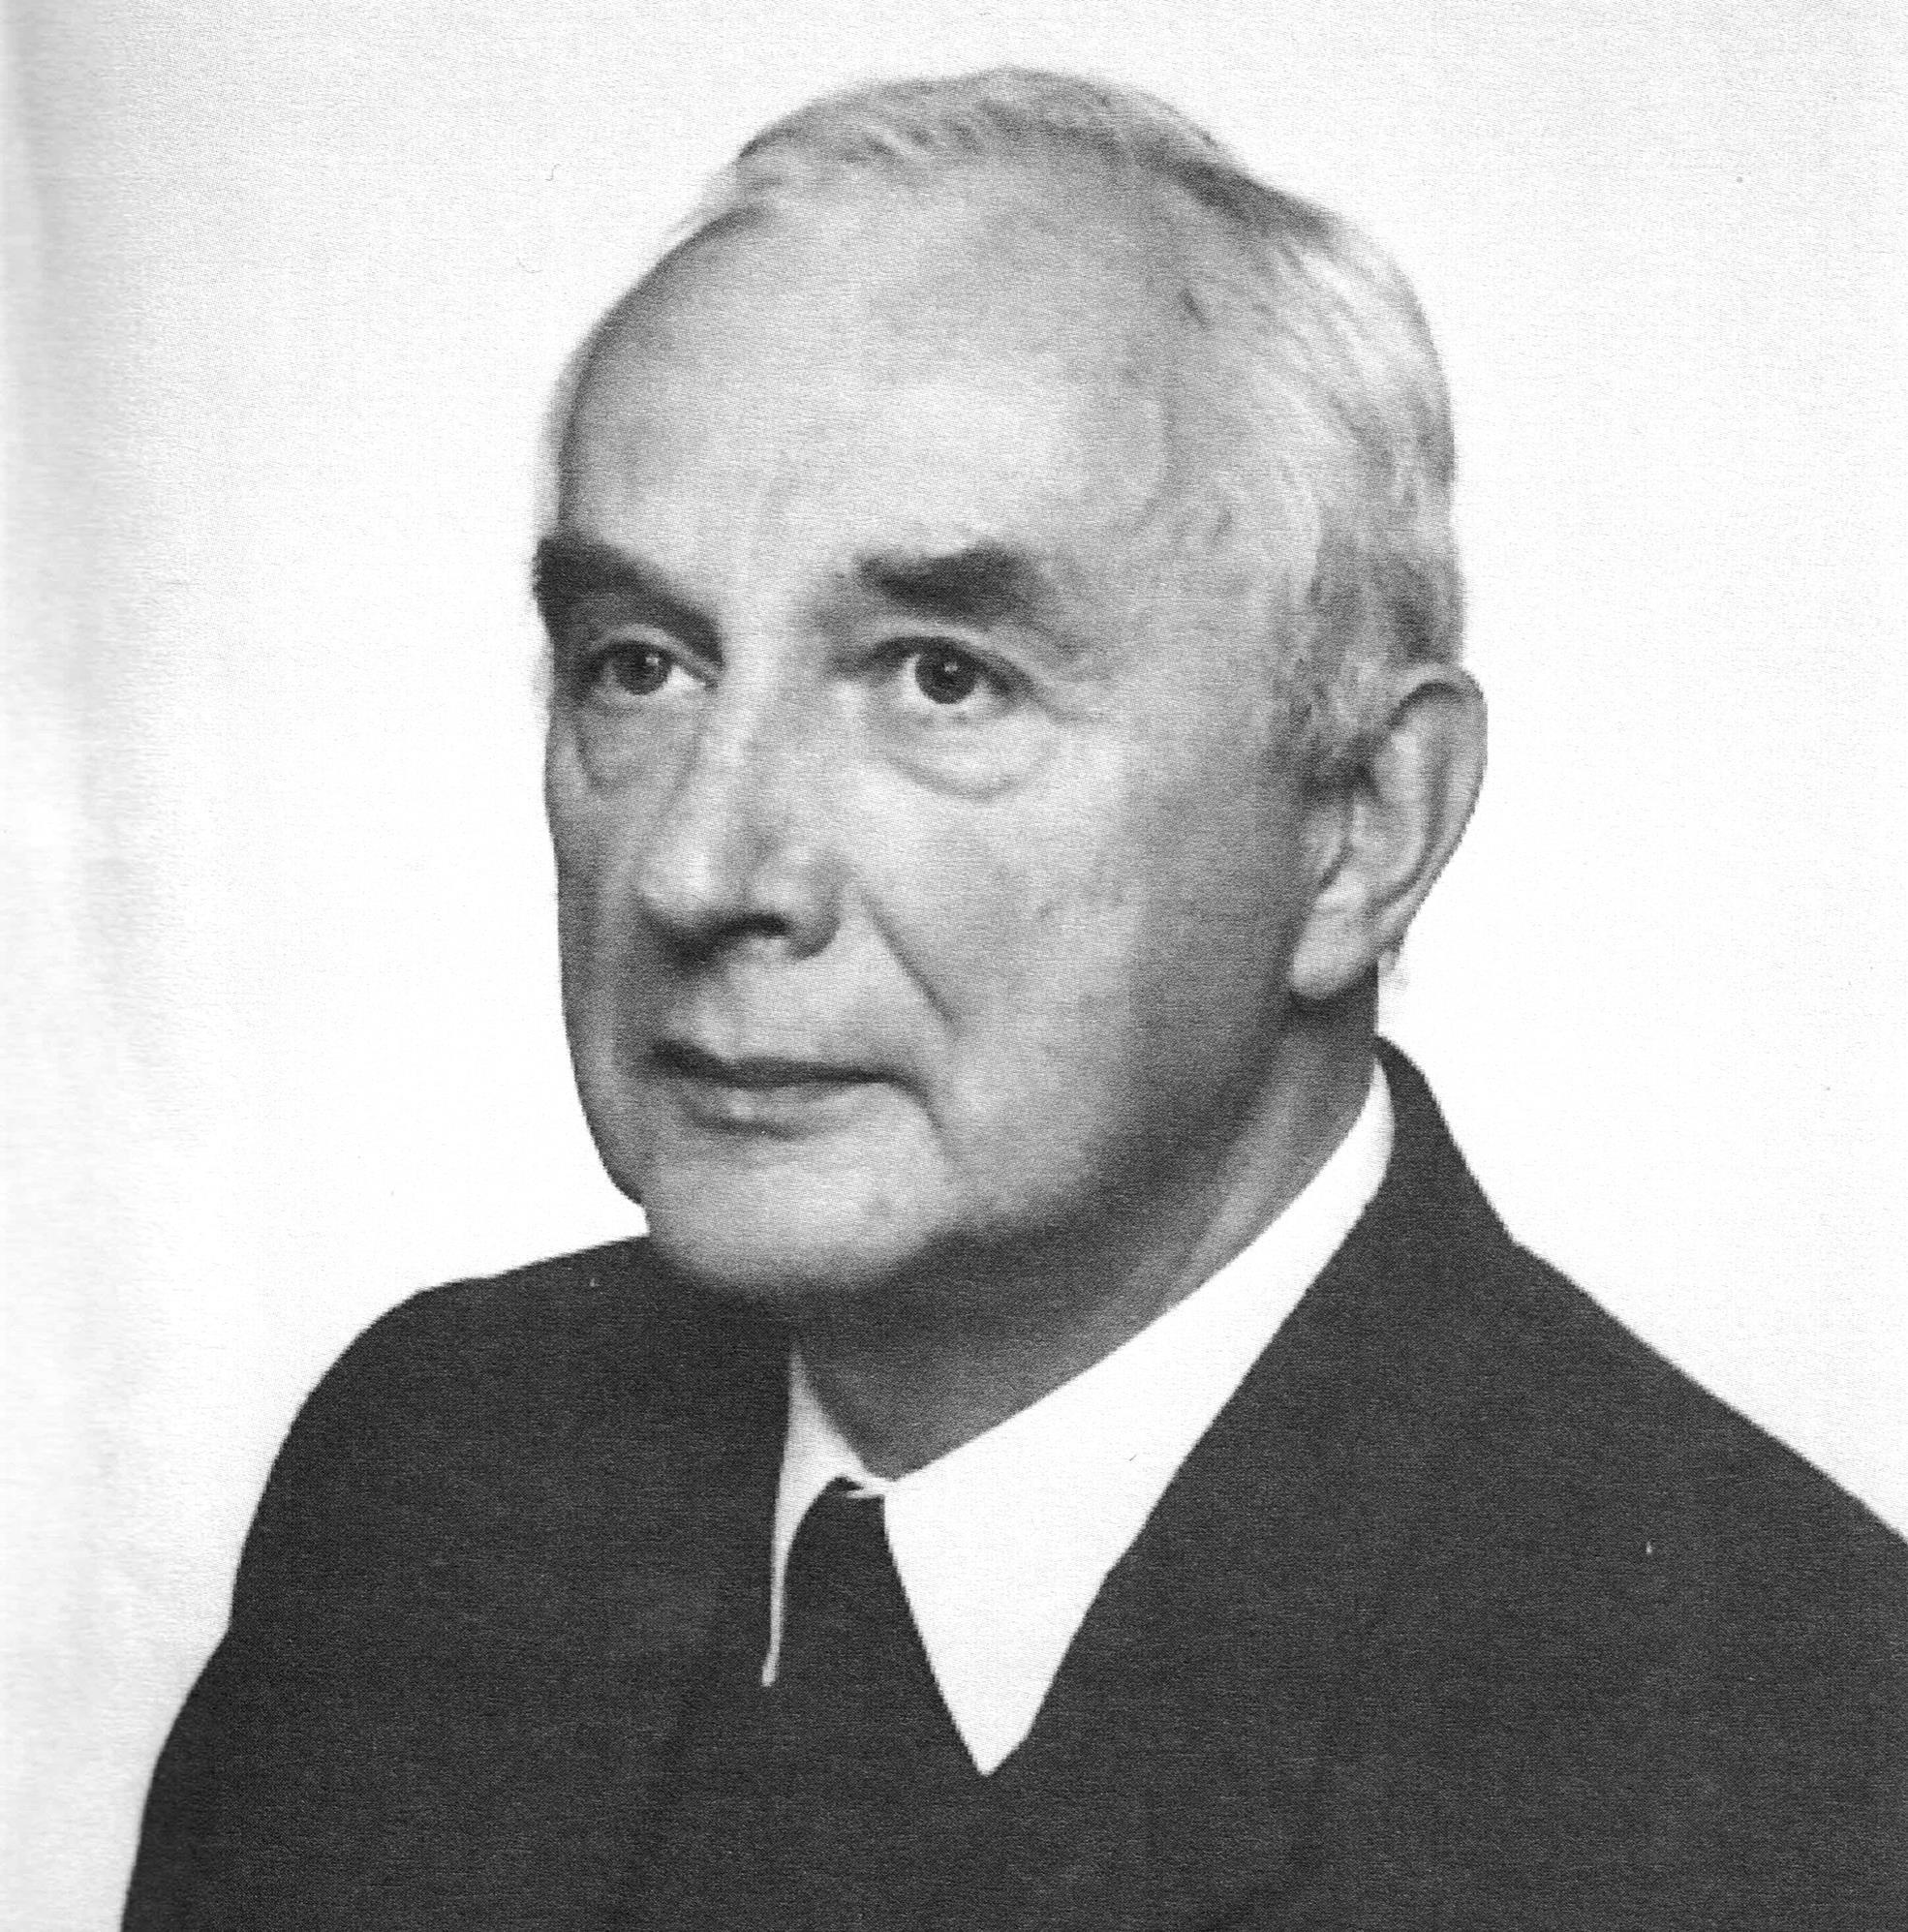 Zmarł ks. prof. Stanisław Kobielus